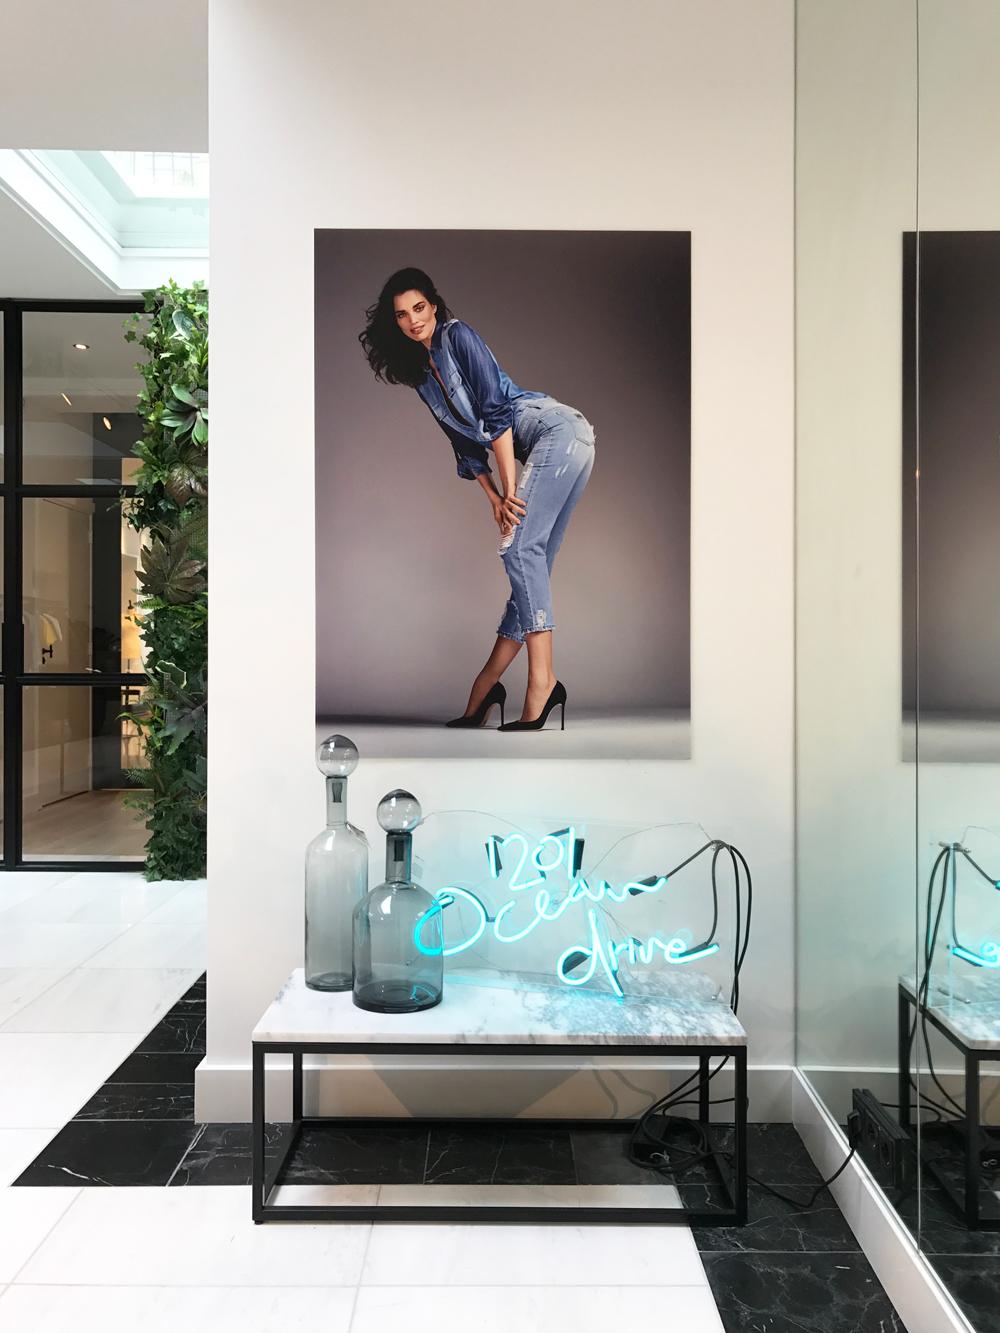 lois-interieuradvies-interieurontwerp-interieurstyling-pimpelwit-retailstyling-interieurinspiratie